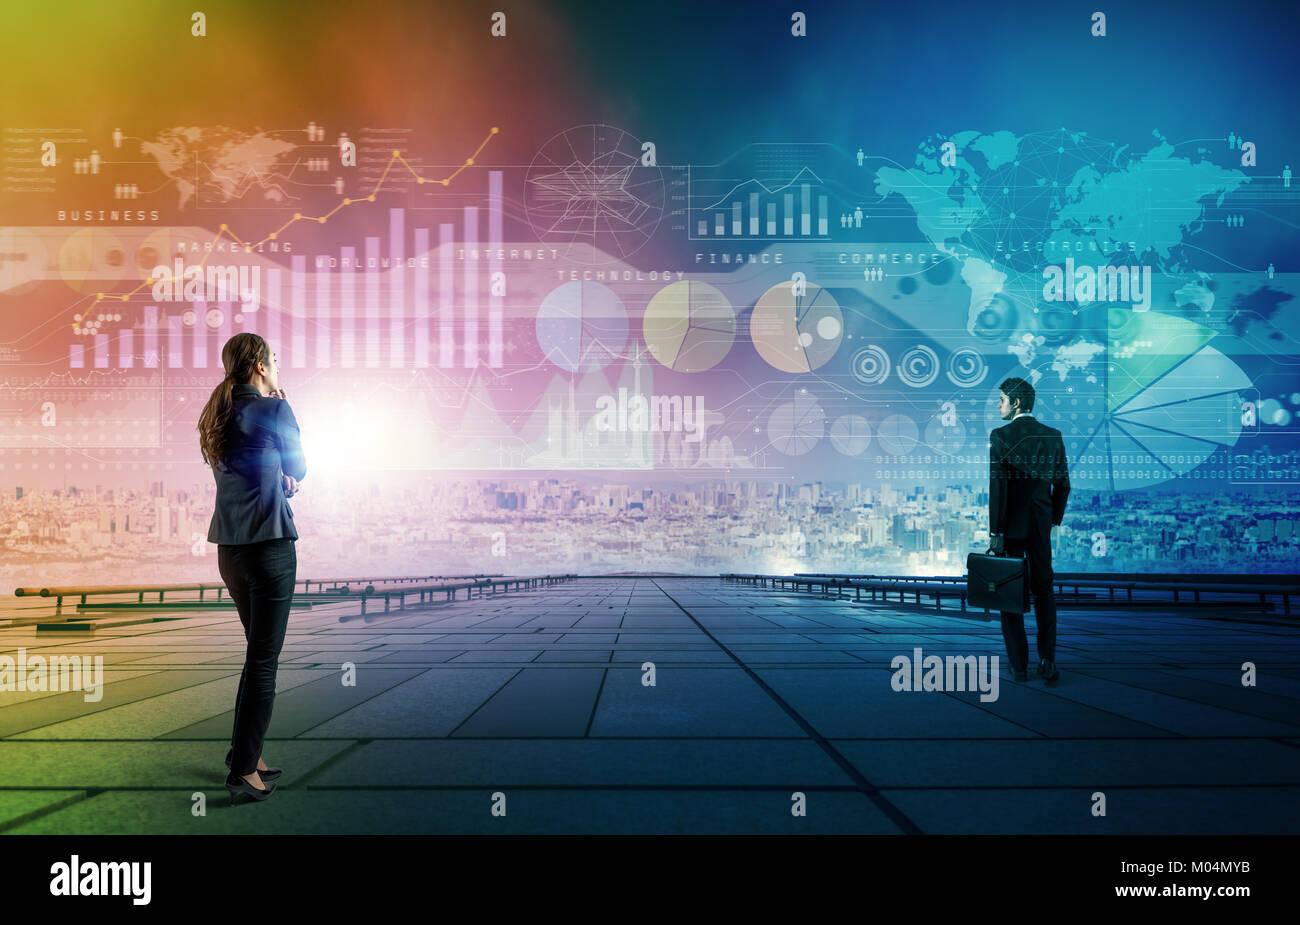 Empresario y empresaria mirando información empresarial. Resumen de medios mixtos. Imagen De Stock